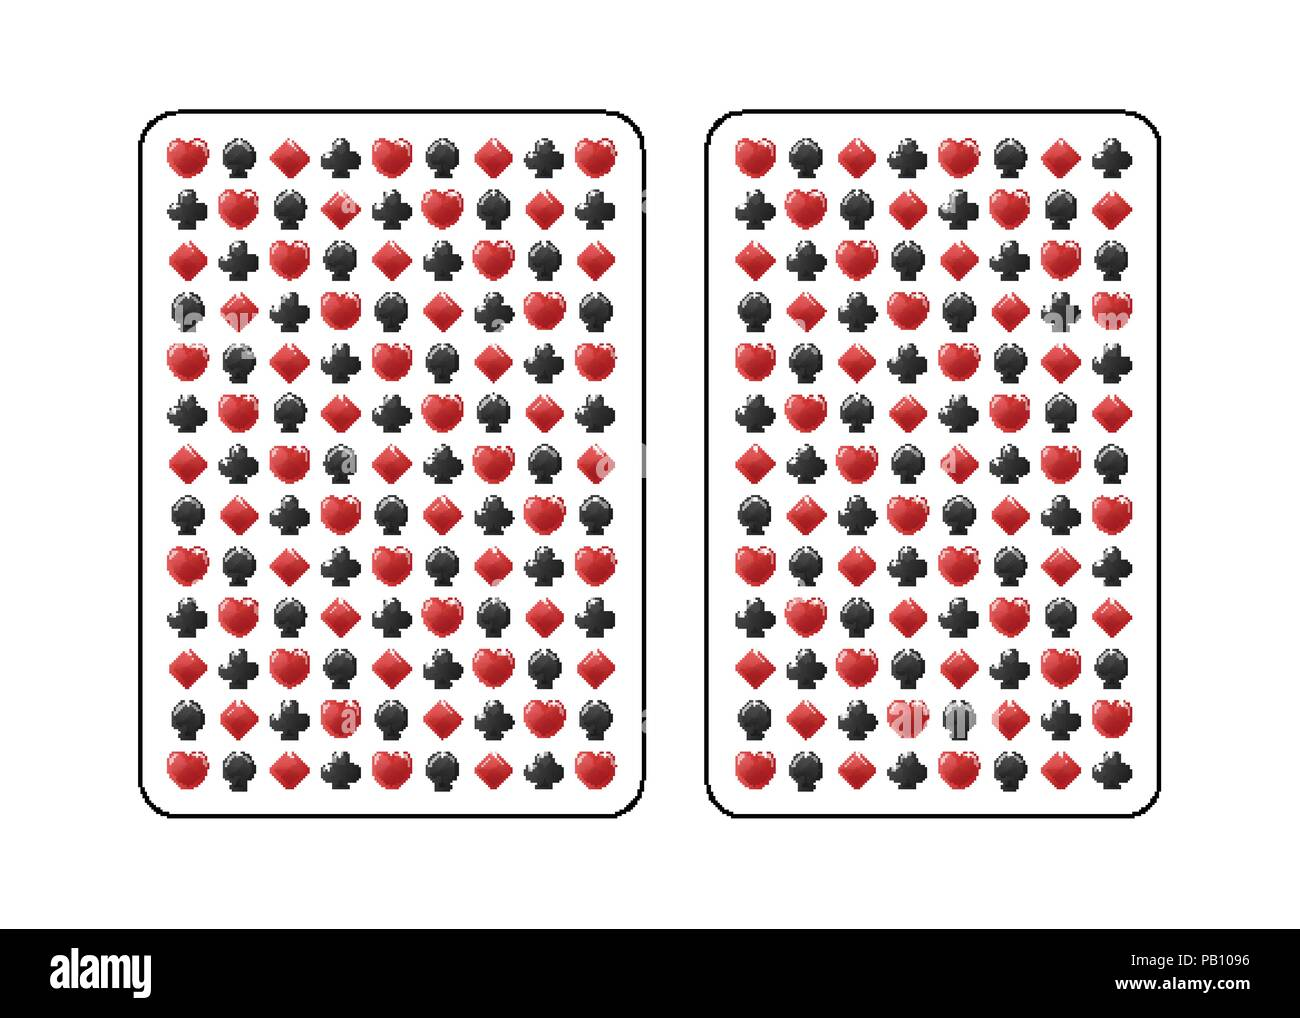 Die Rückseite der Karte. Poker und Bridge. Standard Größe. Vector Illustration. Stockbild